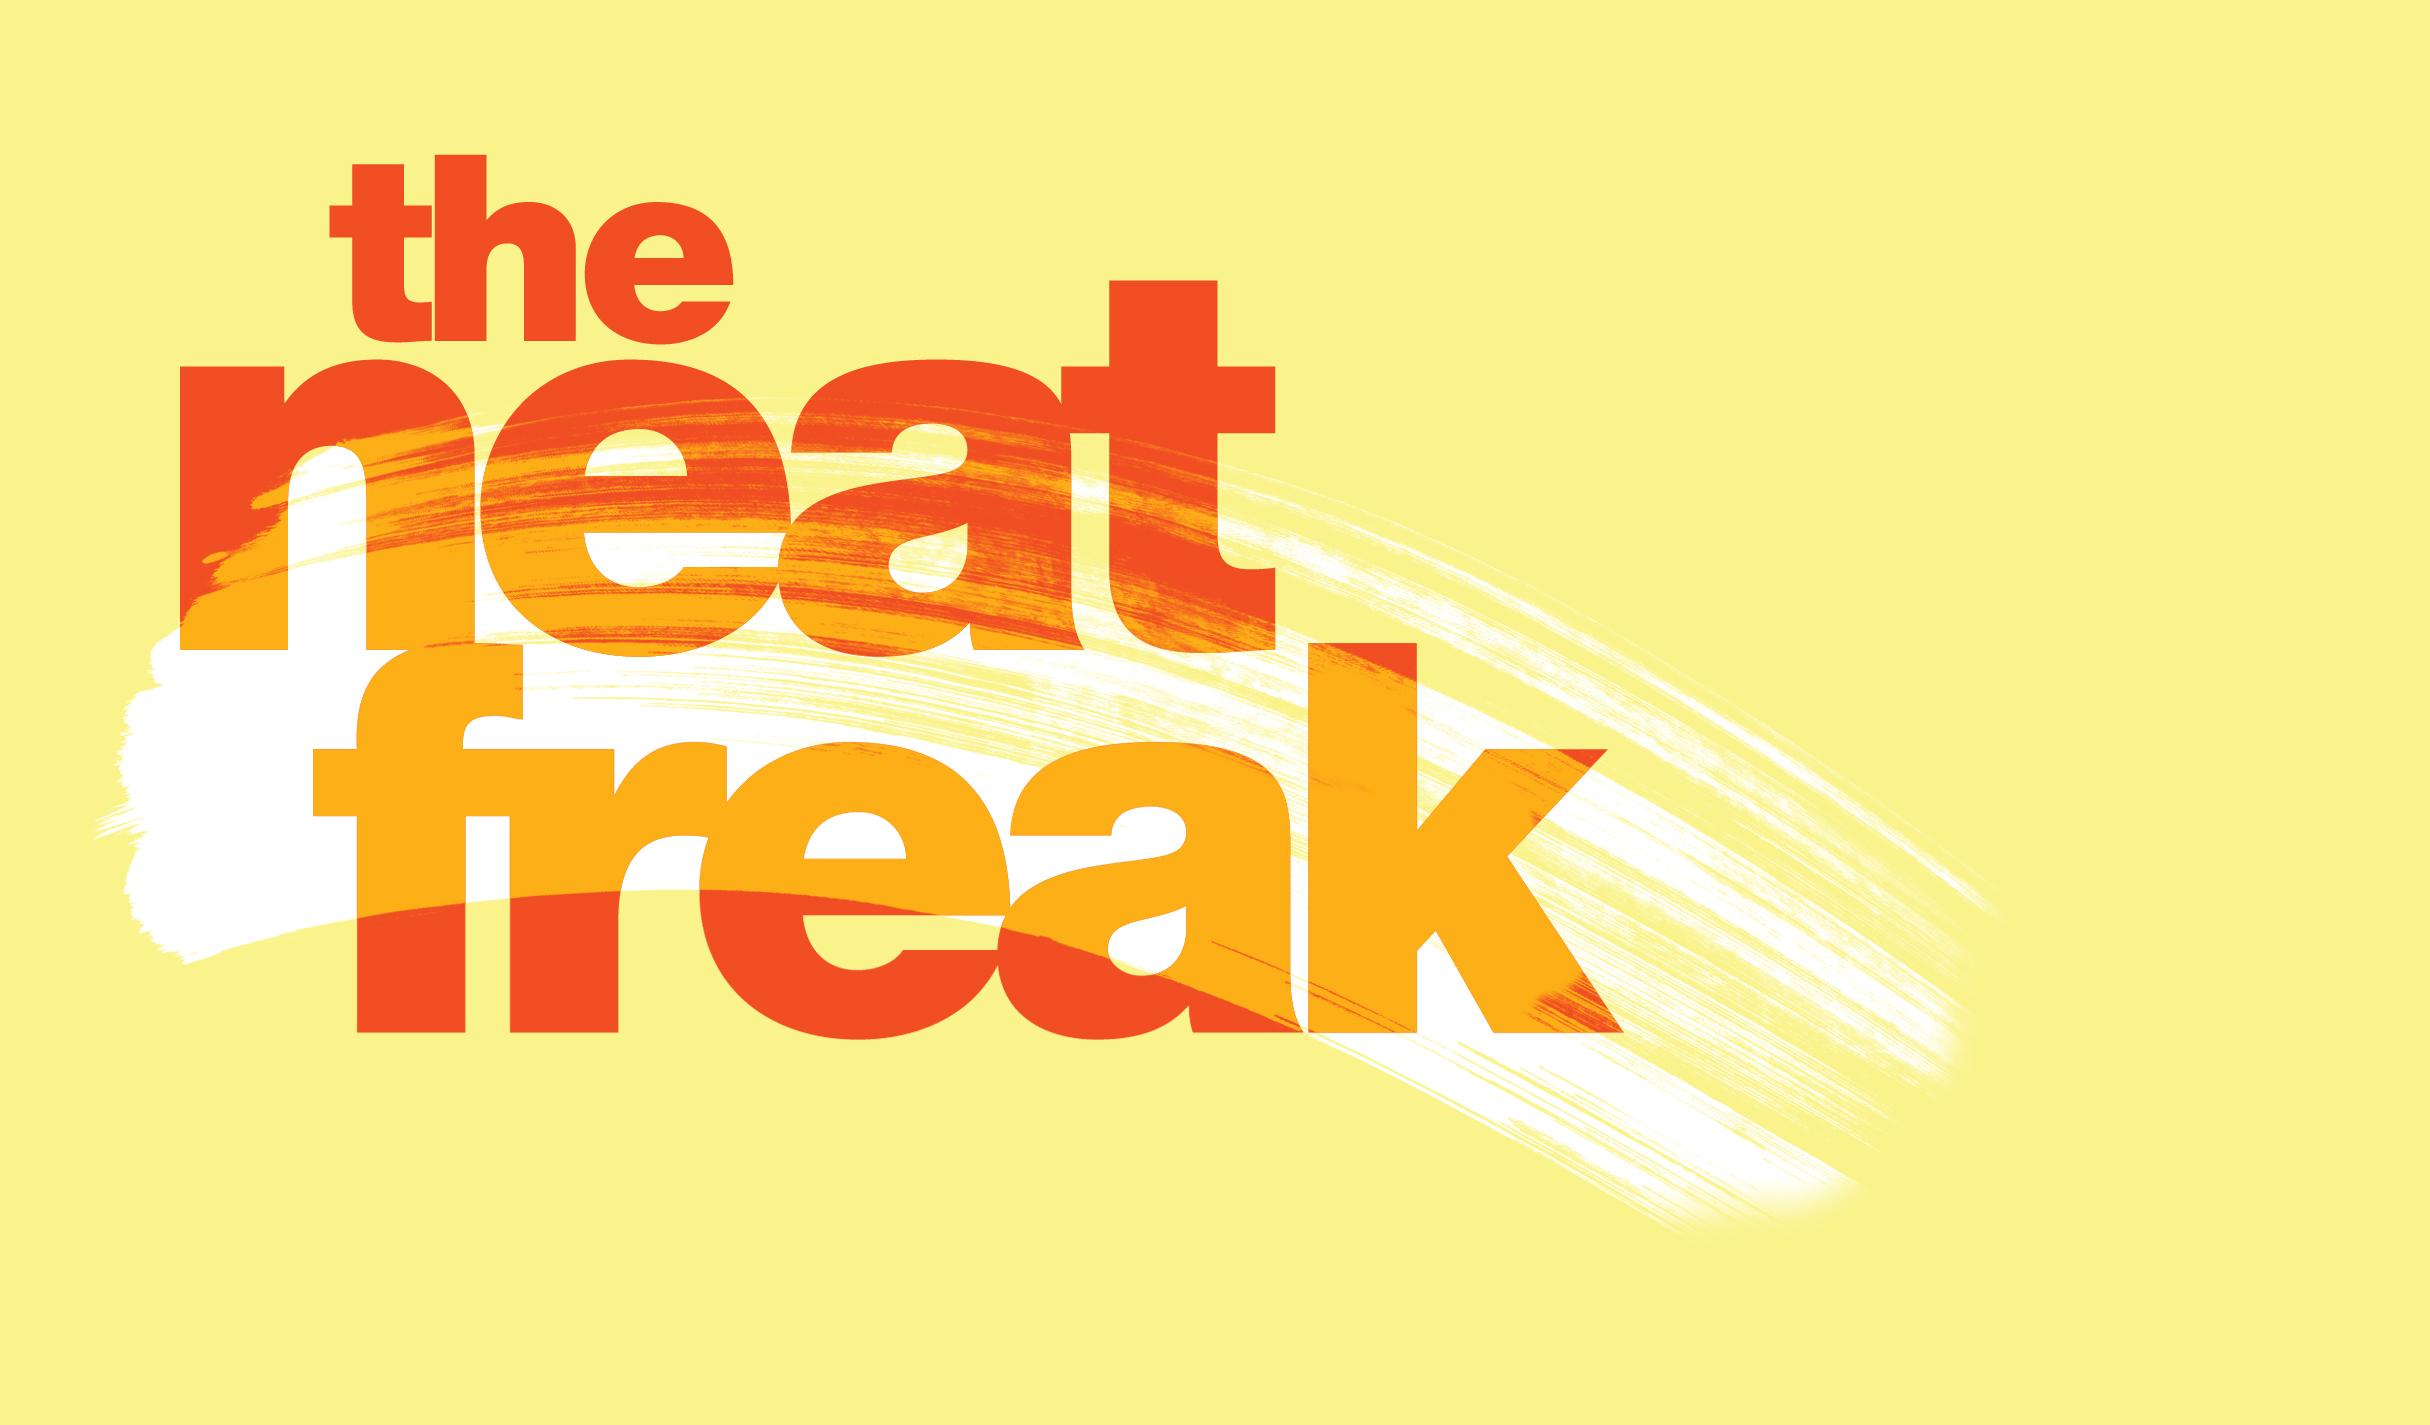 NeatFreak_logo no hand